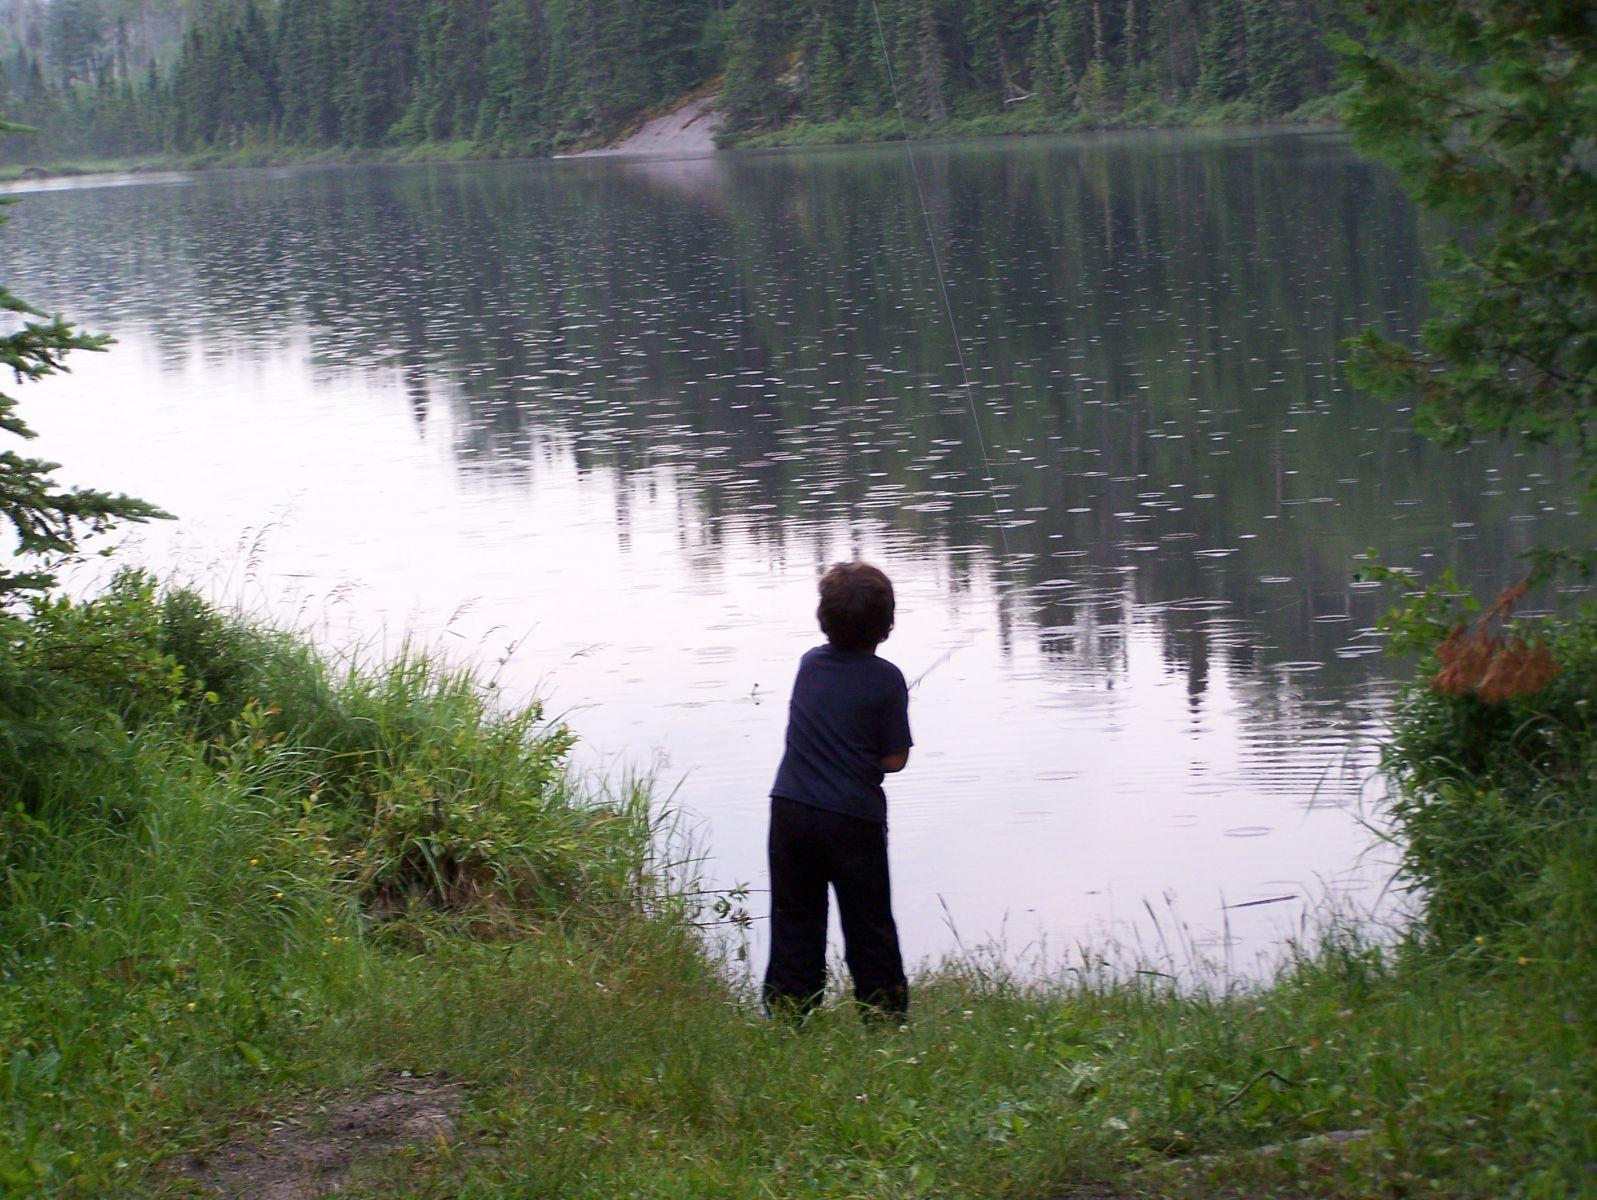 Fishin in the rain